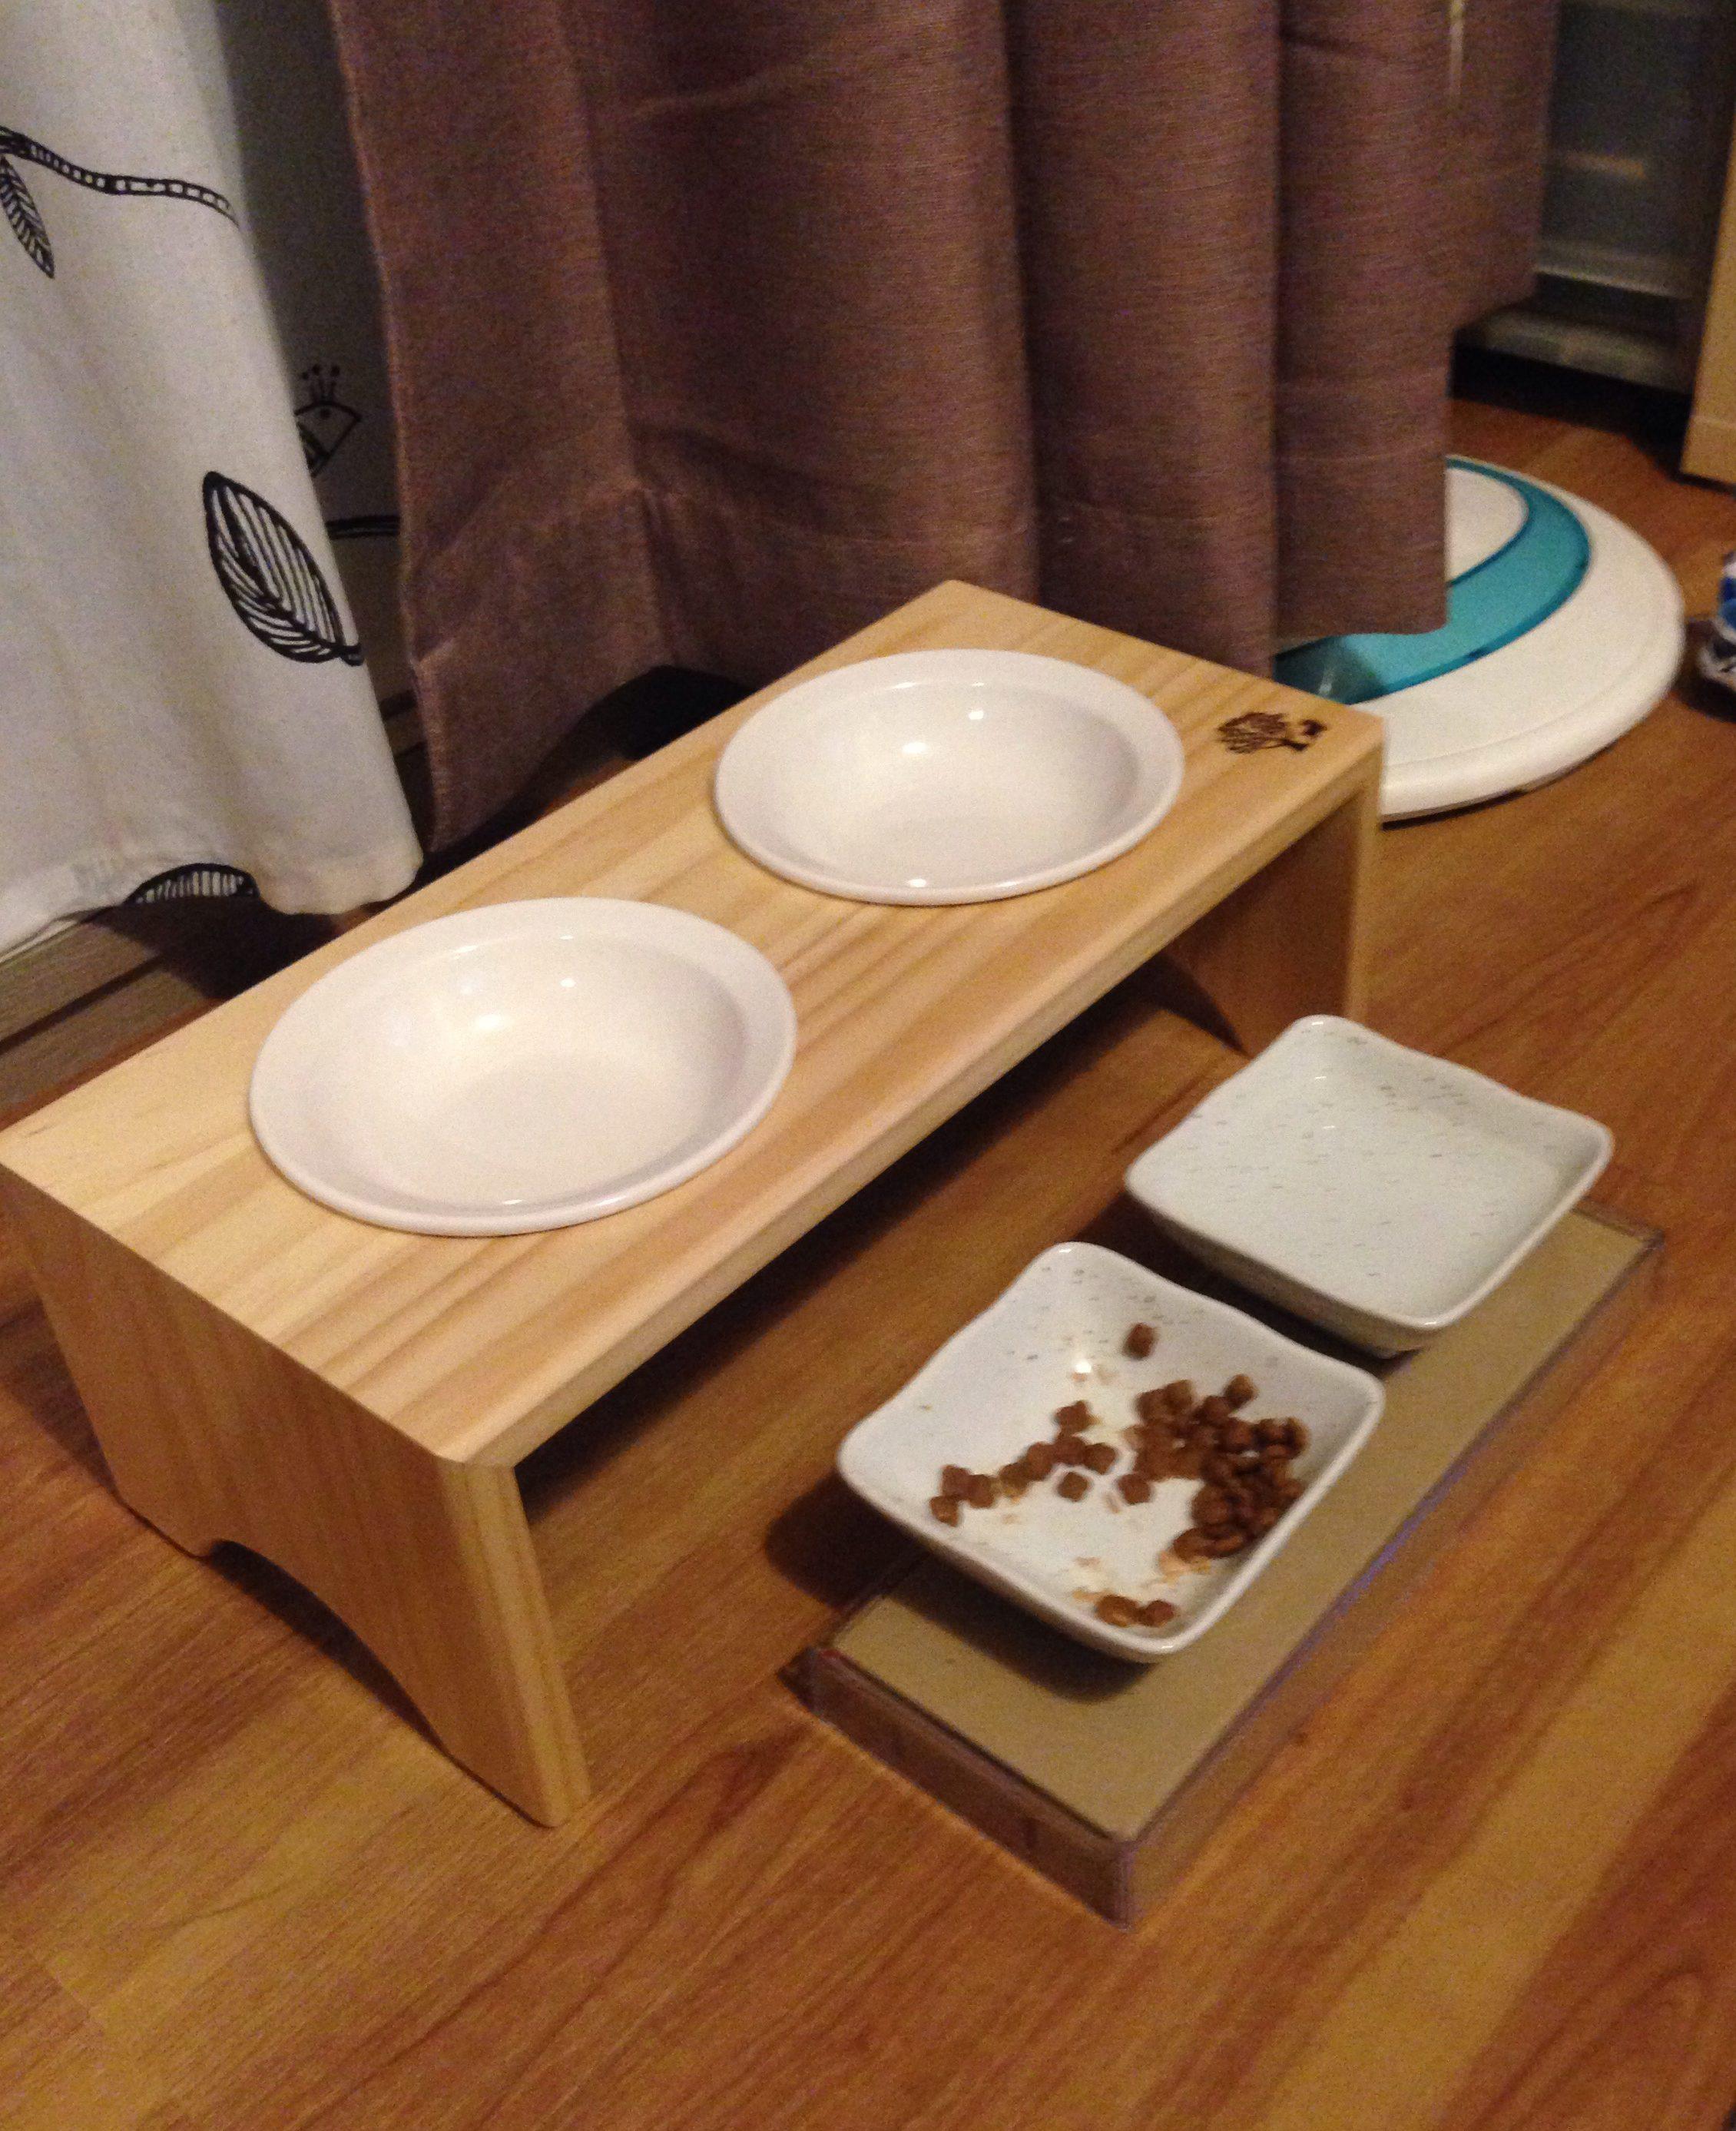 びびの食器